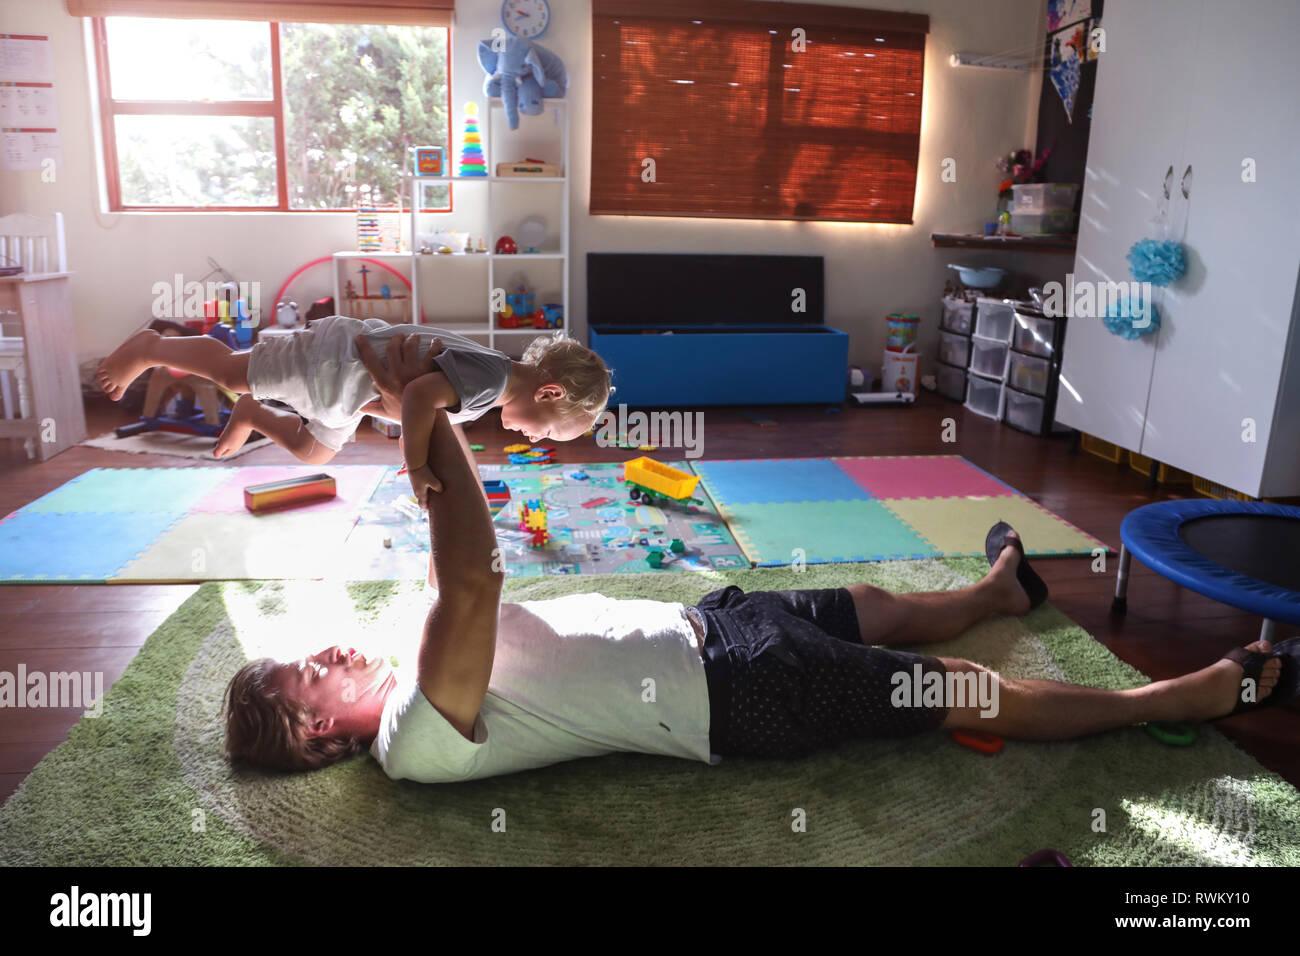 Père lying on floor, levage baby boy dans l'air Banque D'Images